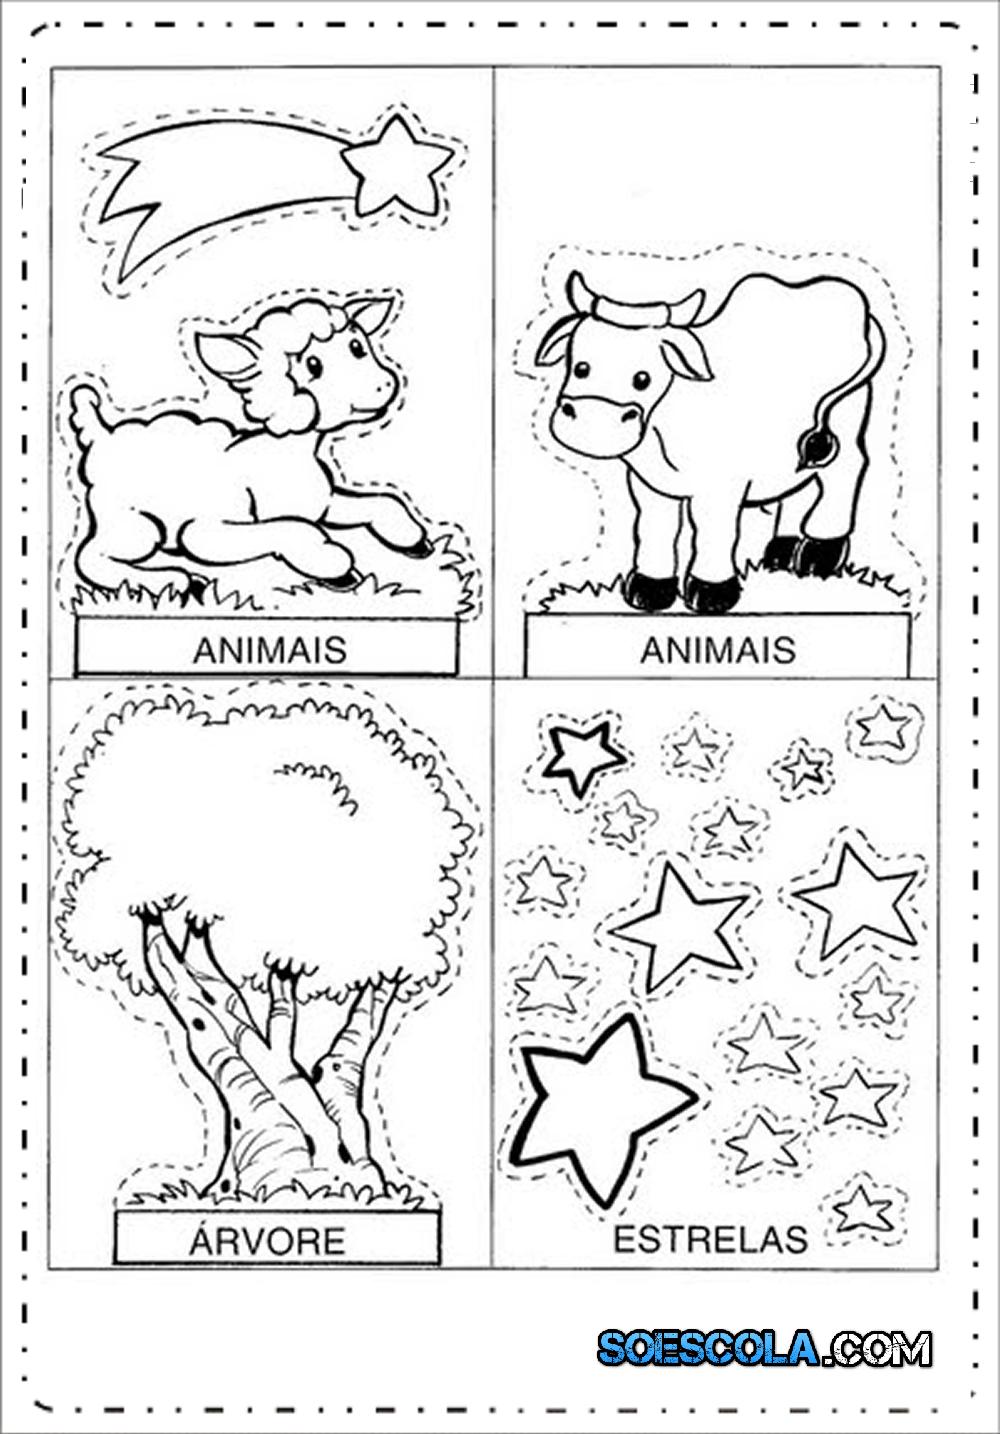 Moldes de Presépio de Natal para Imprimir e Montar - Modelos em PDF.